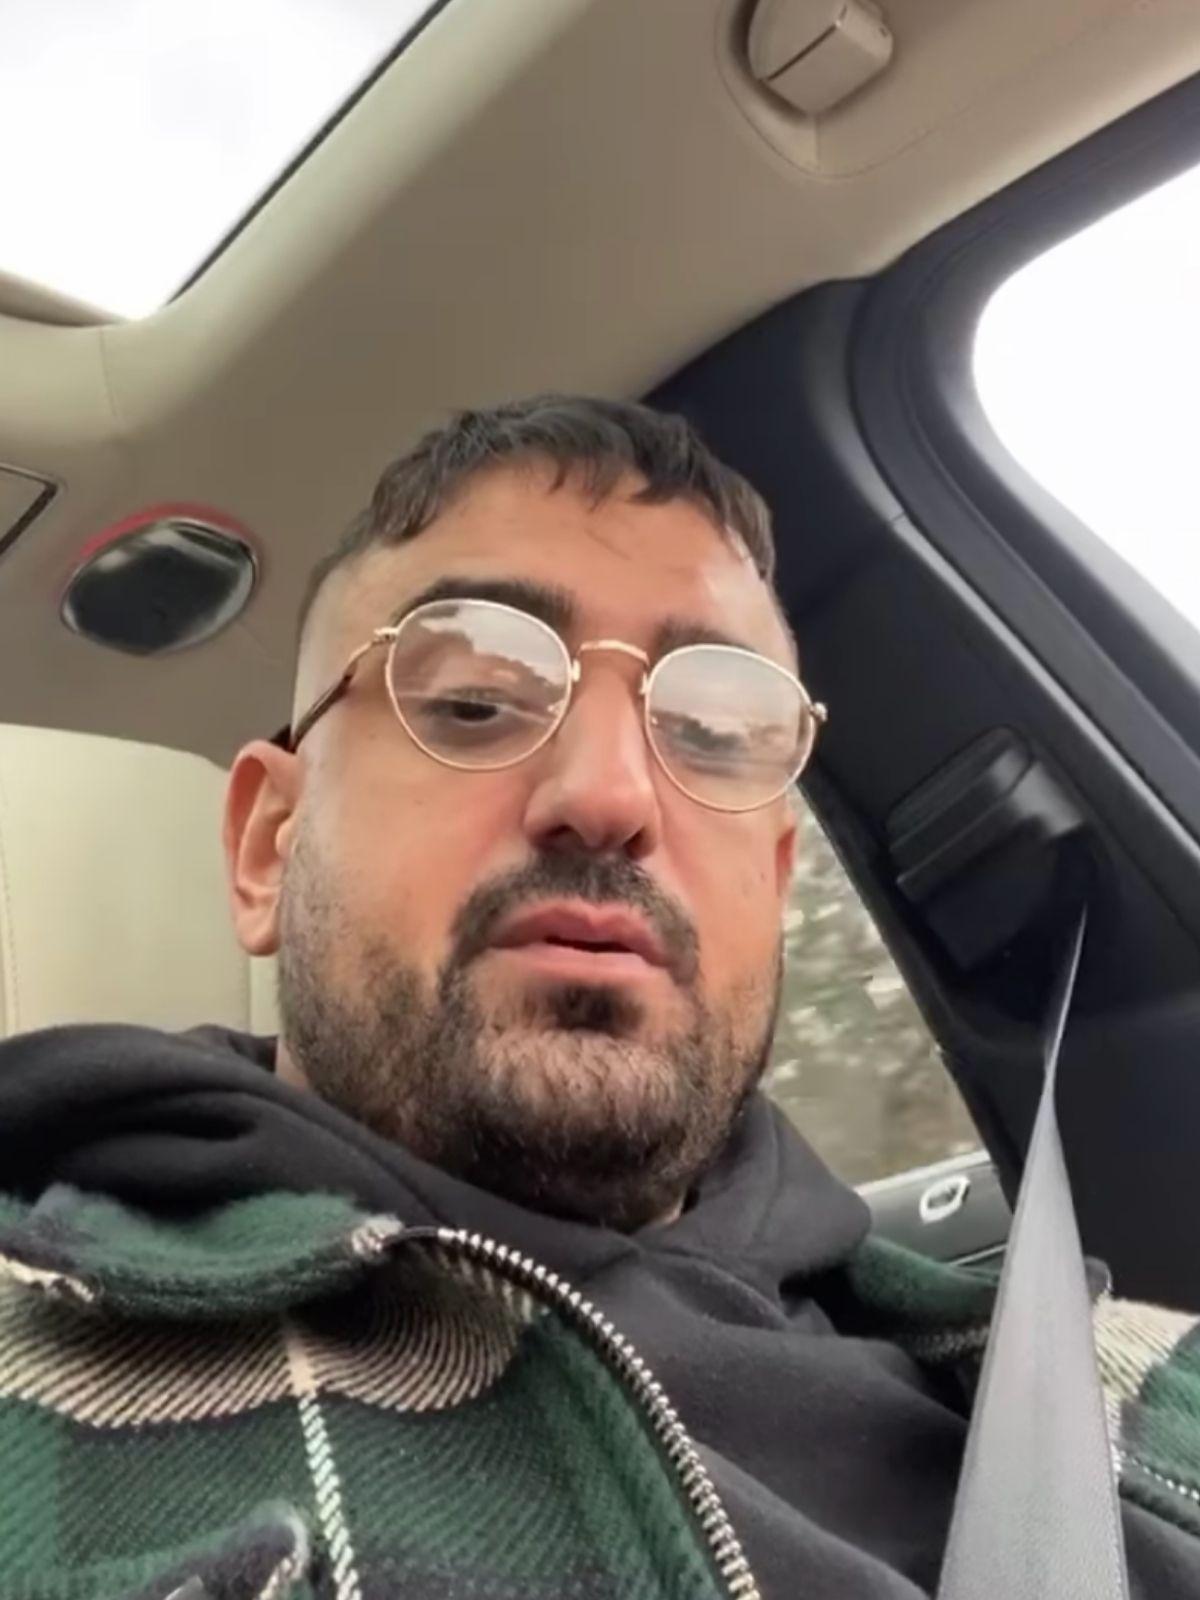 Rapper Haftbefehl sieht jetzt aus wie Sido